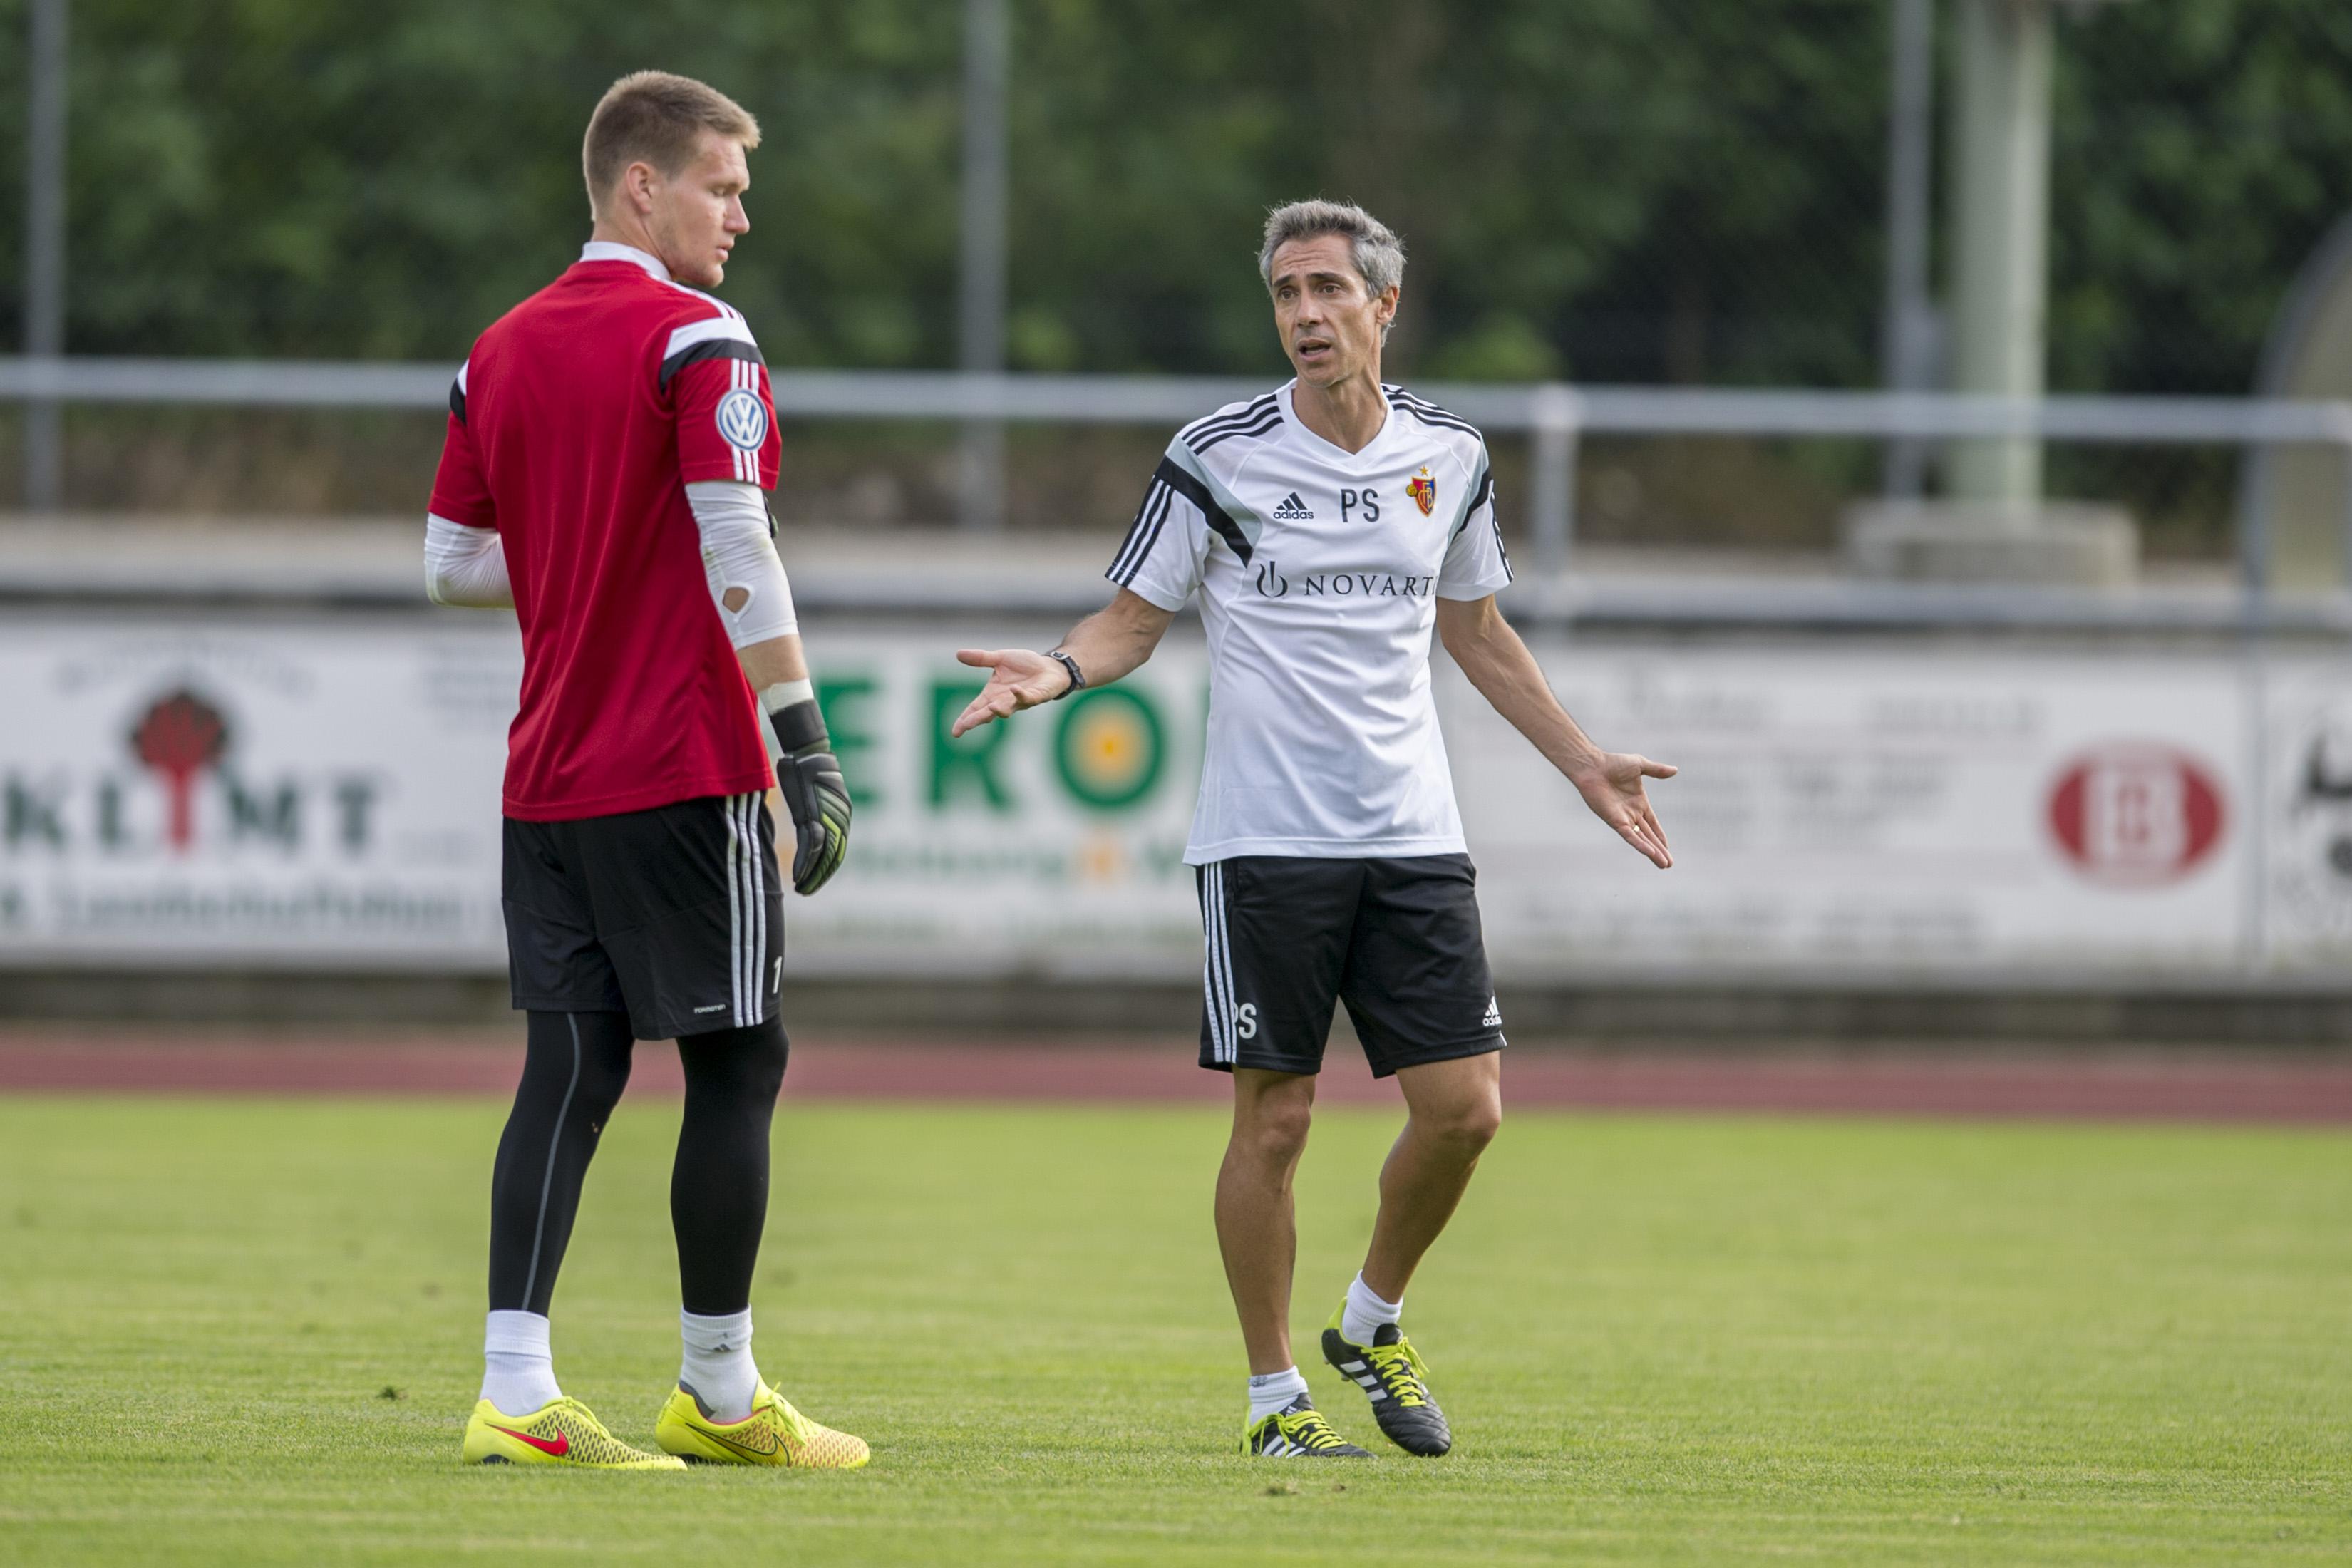 An eine neue Umgebung, eine neue Mannschaft und einen neuen Trainer gewöhnen: Tomas Vaclik im Trainingslager von Rottach-Egern mit Paulo Sousa.